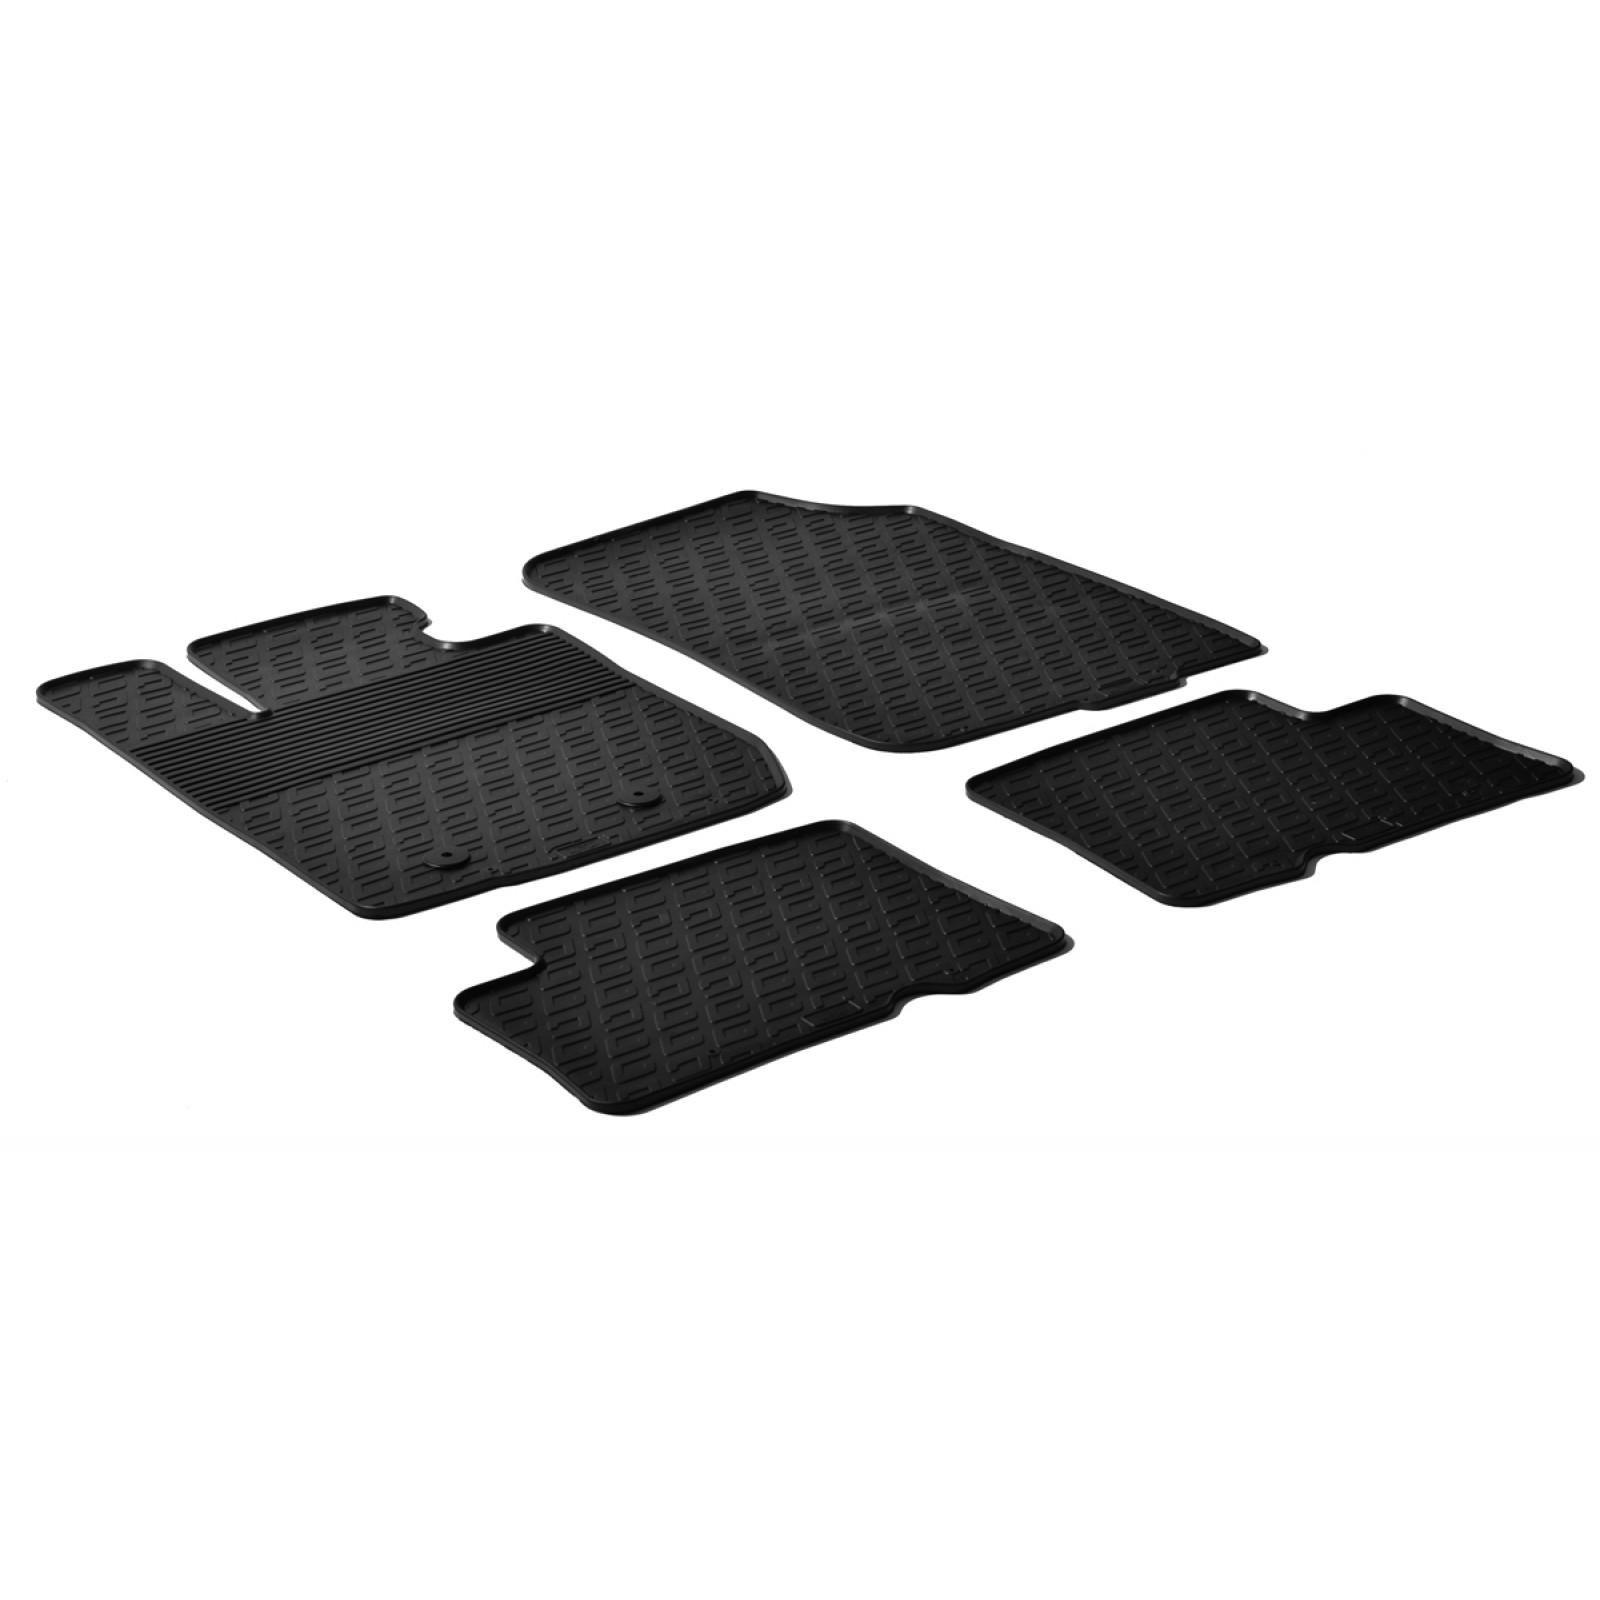 tapis en caoutchouc pour dacia duster 4x4 dacia tapis en caoutchouc sur mesure offre sur. Black Bedroom Furniture Sets. Home Design Ideas